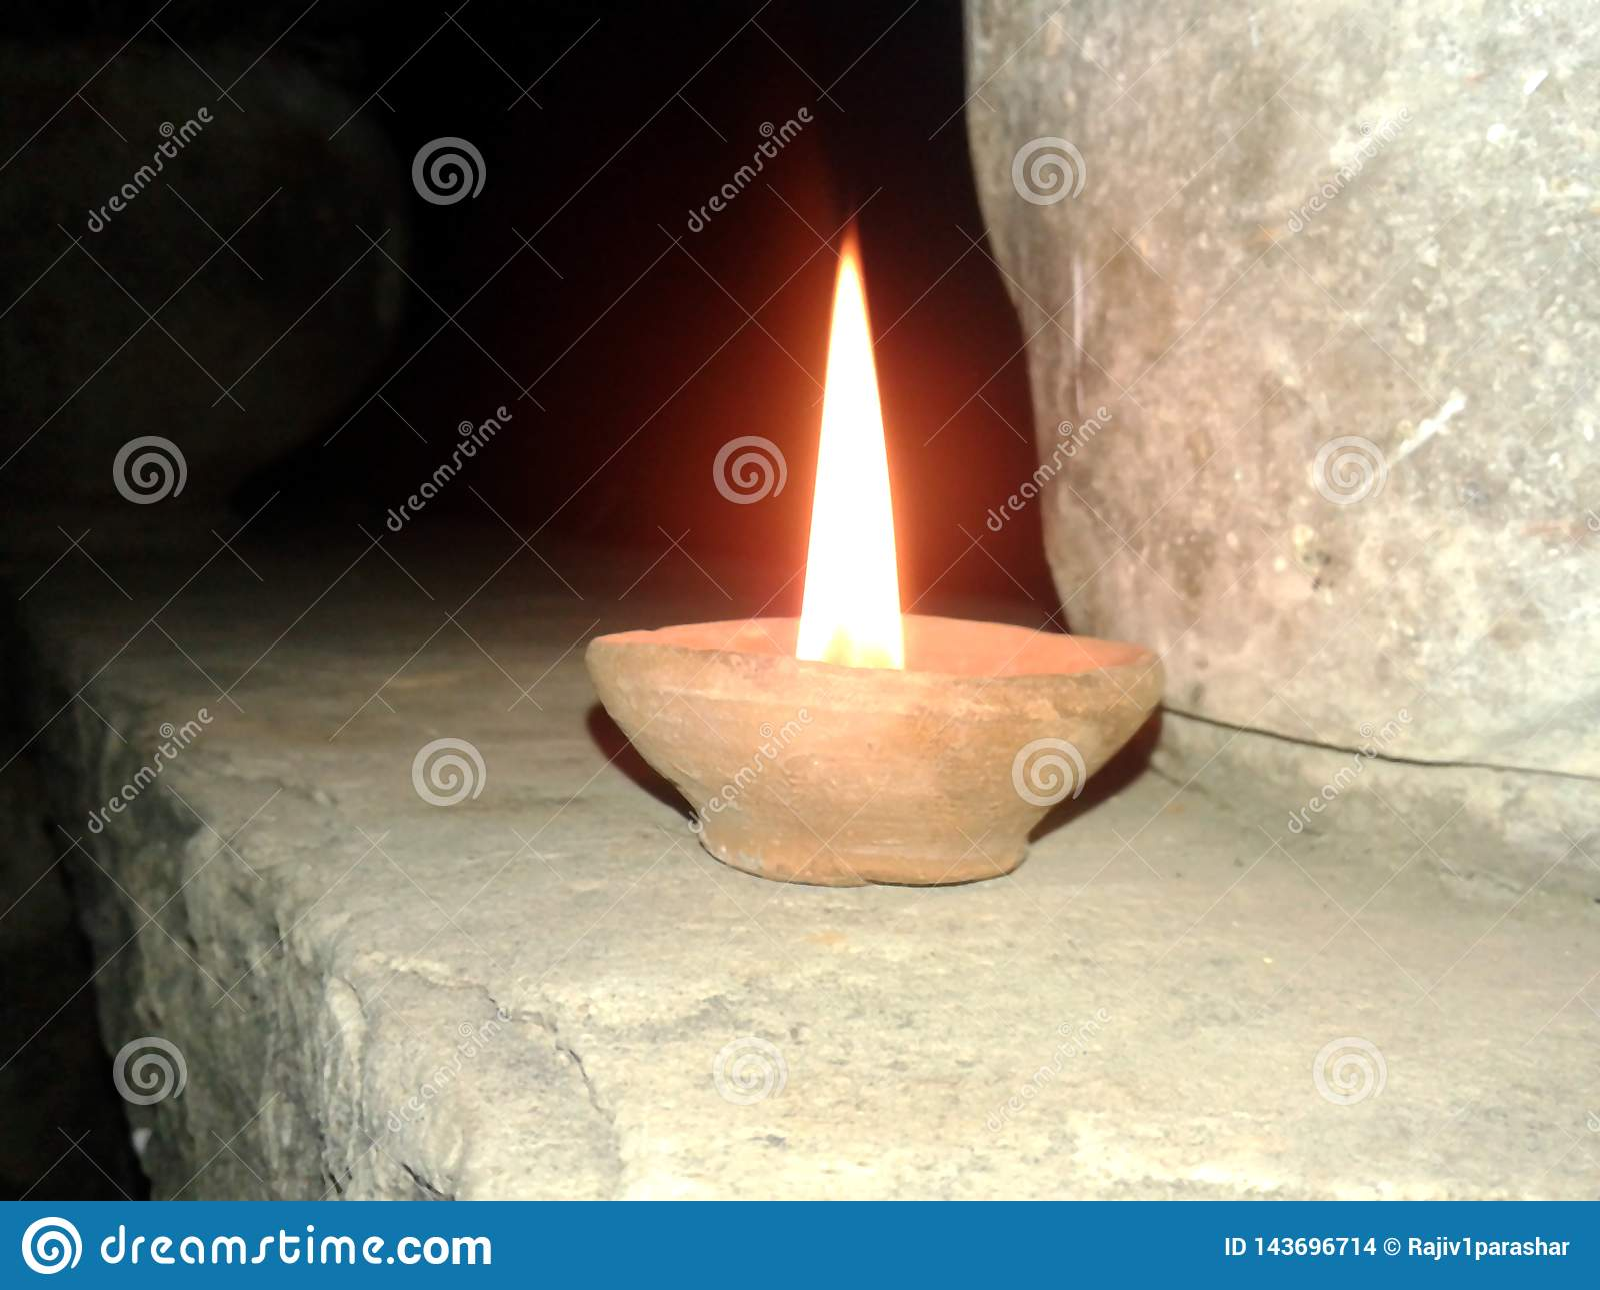 C est l image d une lampe qui donne une lumière jaune dans la nuit